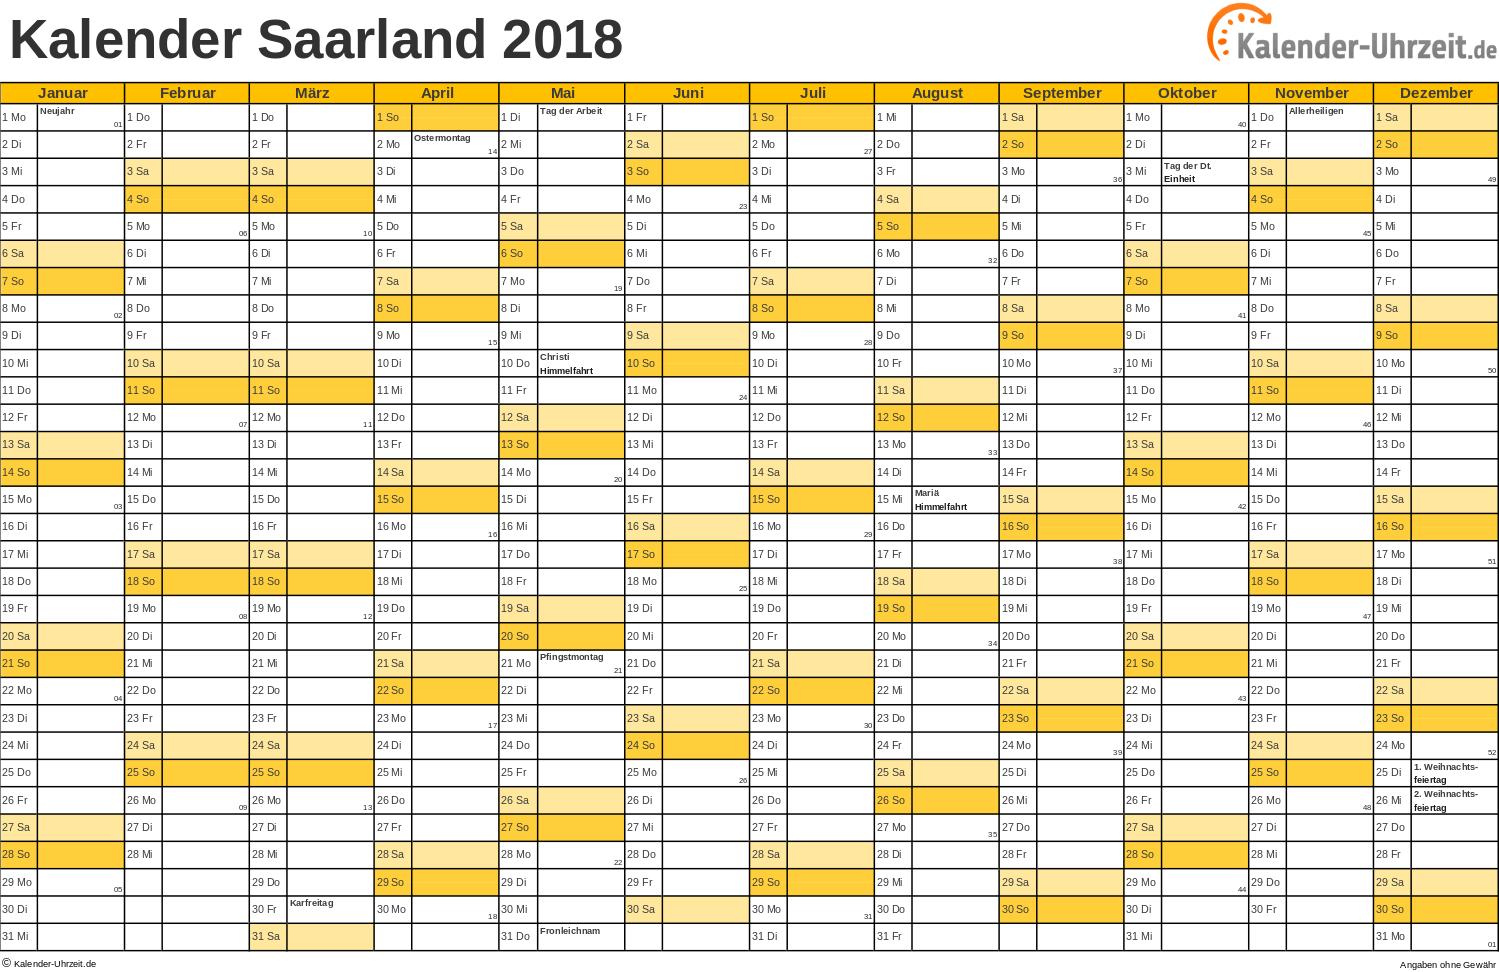 Kalender 2019 Mit Feiertagen Saarland